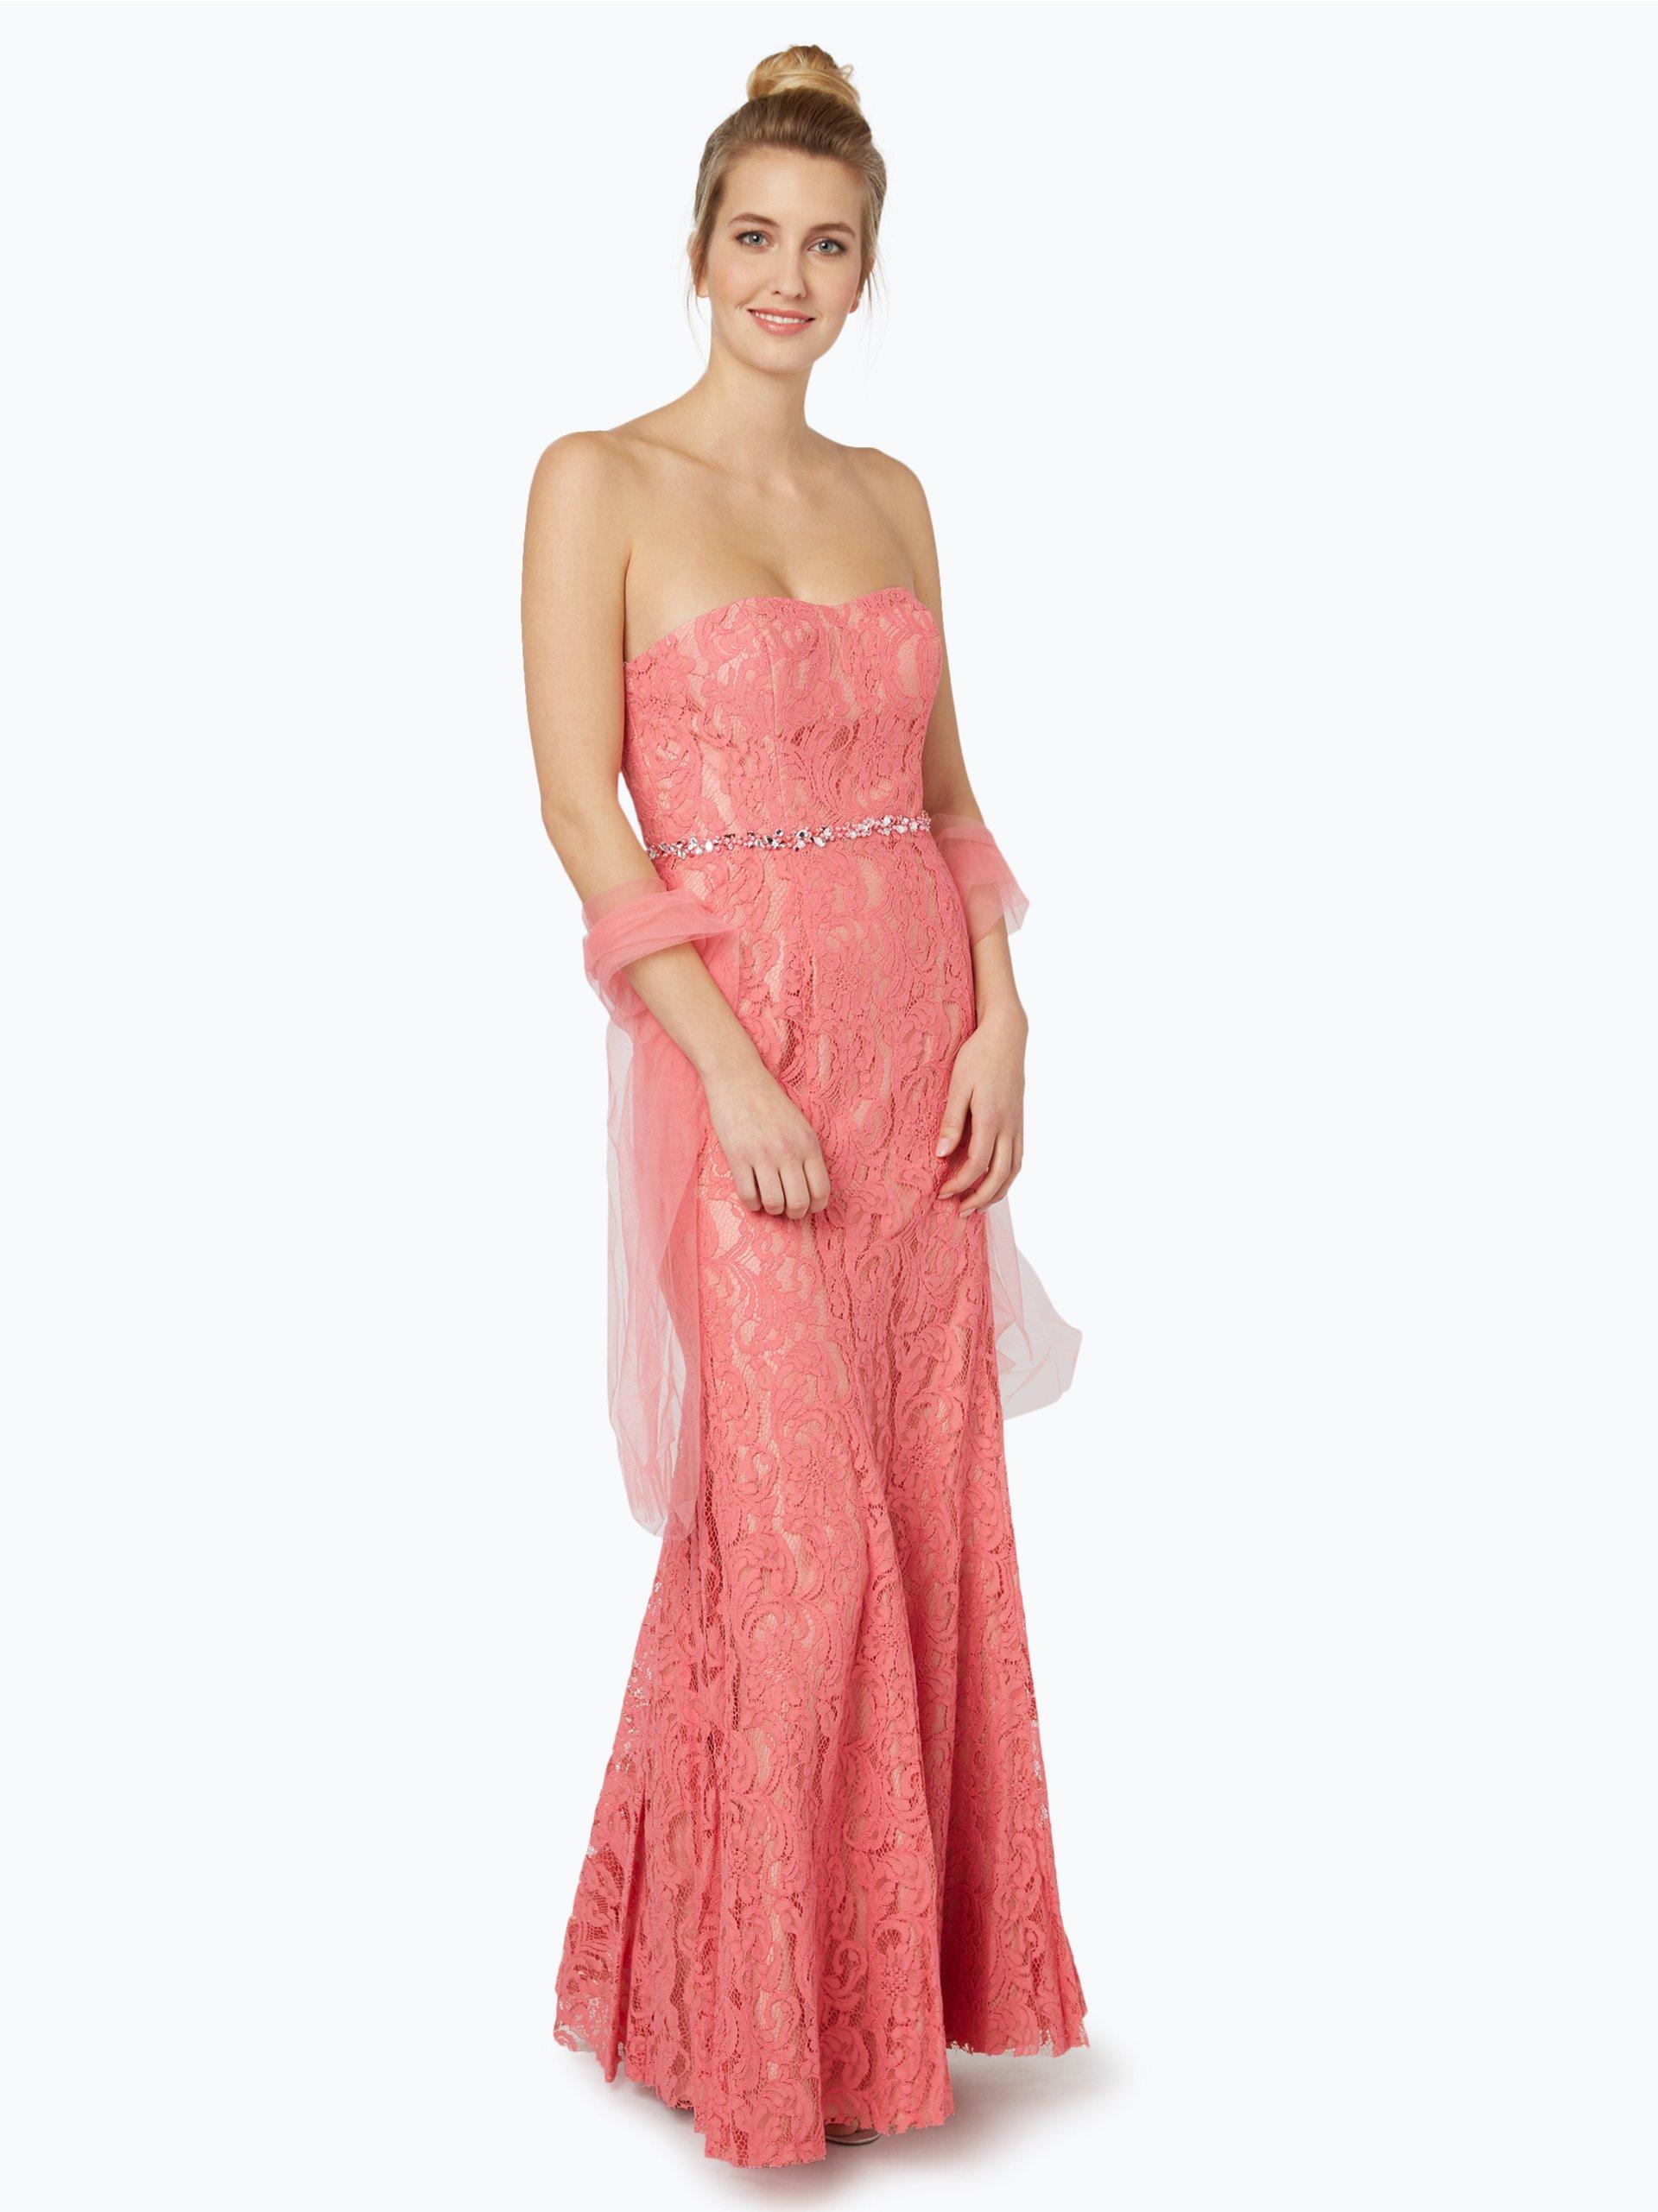 Ziemlich Abendkleider Korallen Bilder - Brautkleider Ideen ...